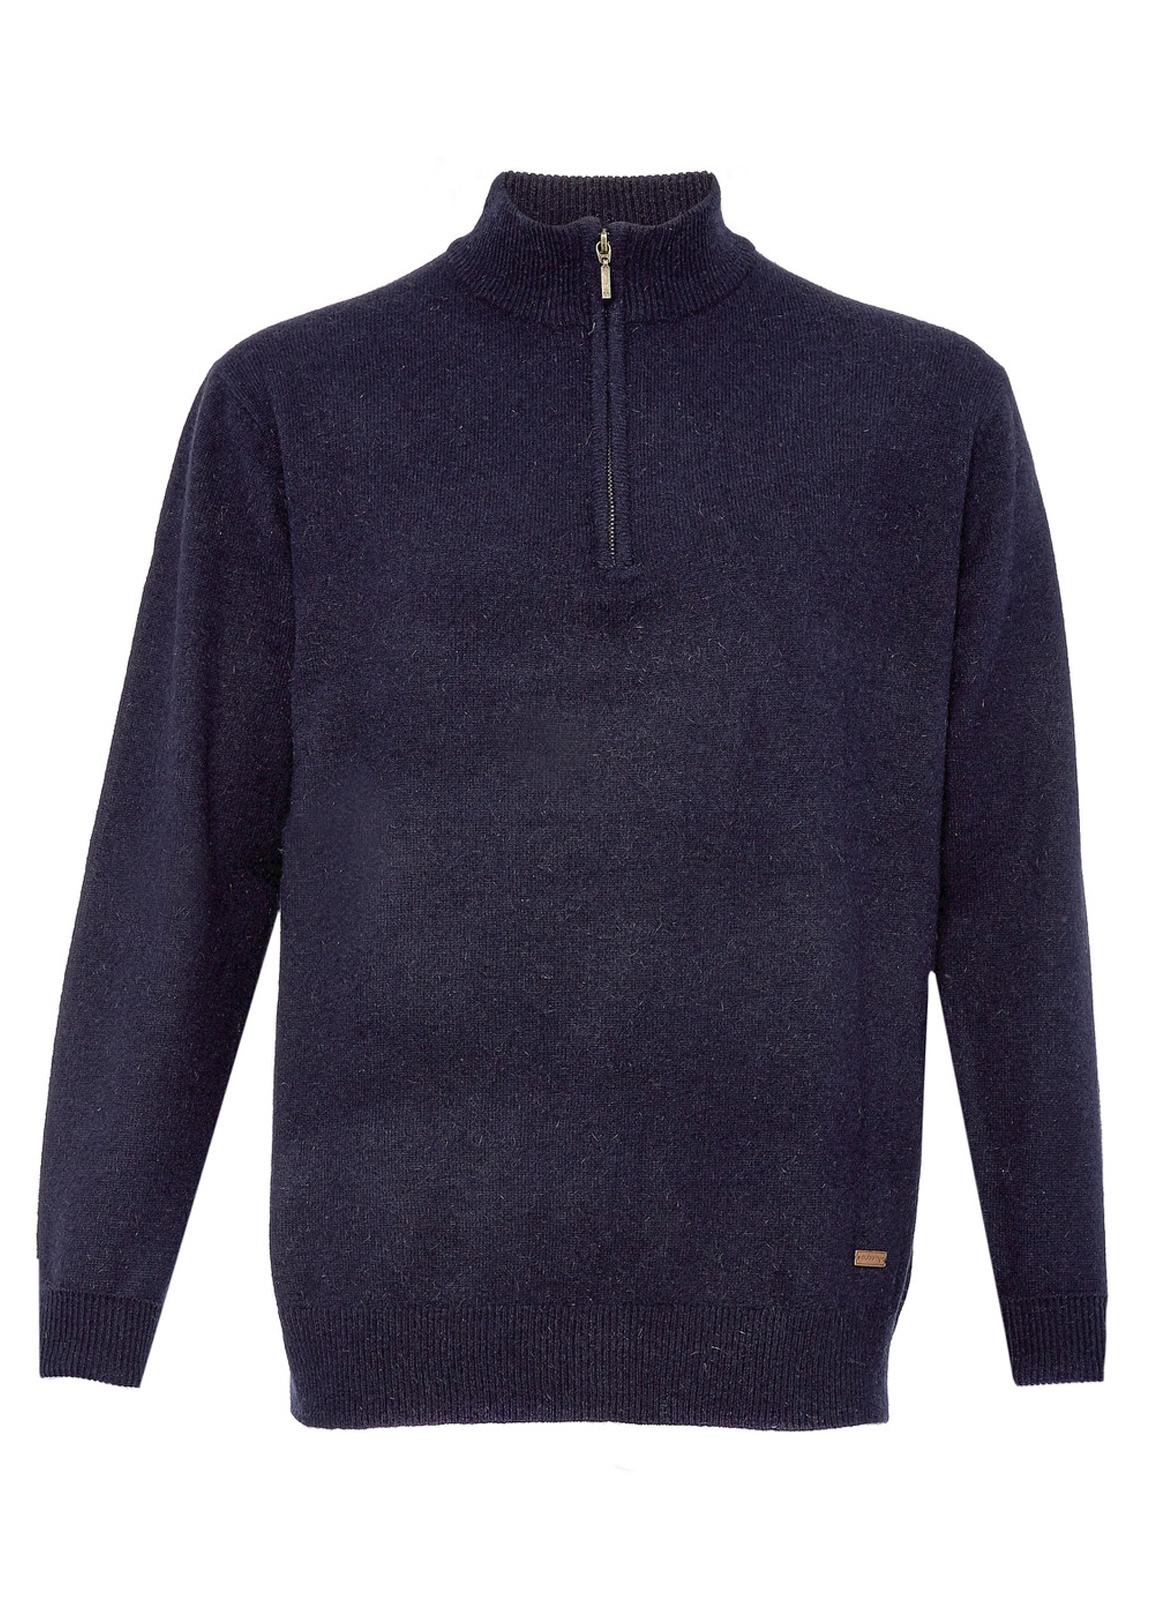 Mullen_Sweater_Navy_Image_1